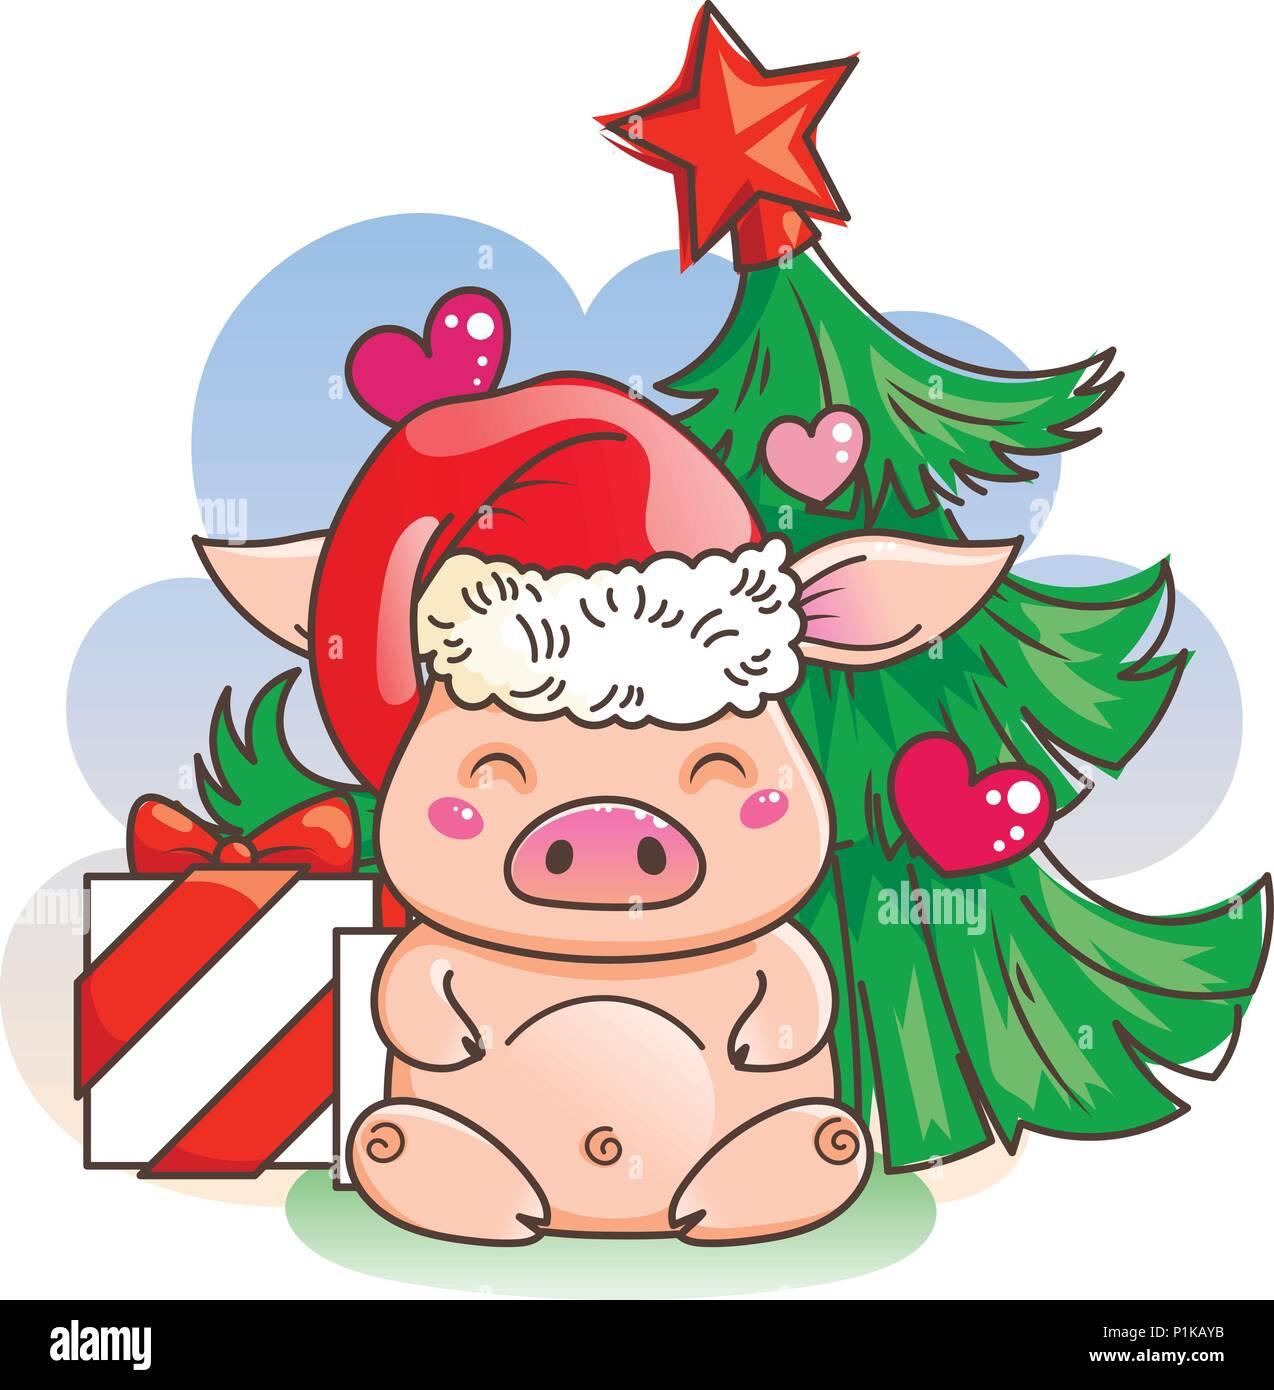 Imagenes Animadas Arboles Navidad.Cute Dibujos Animados De Cerdo En Amor Con El Arbol De